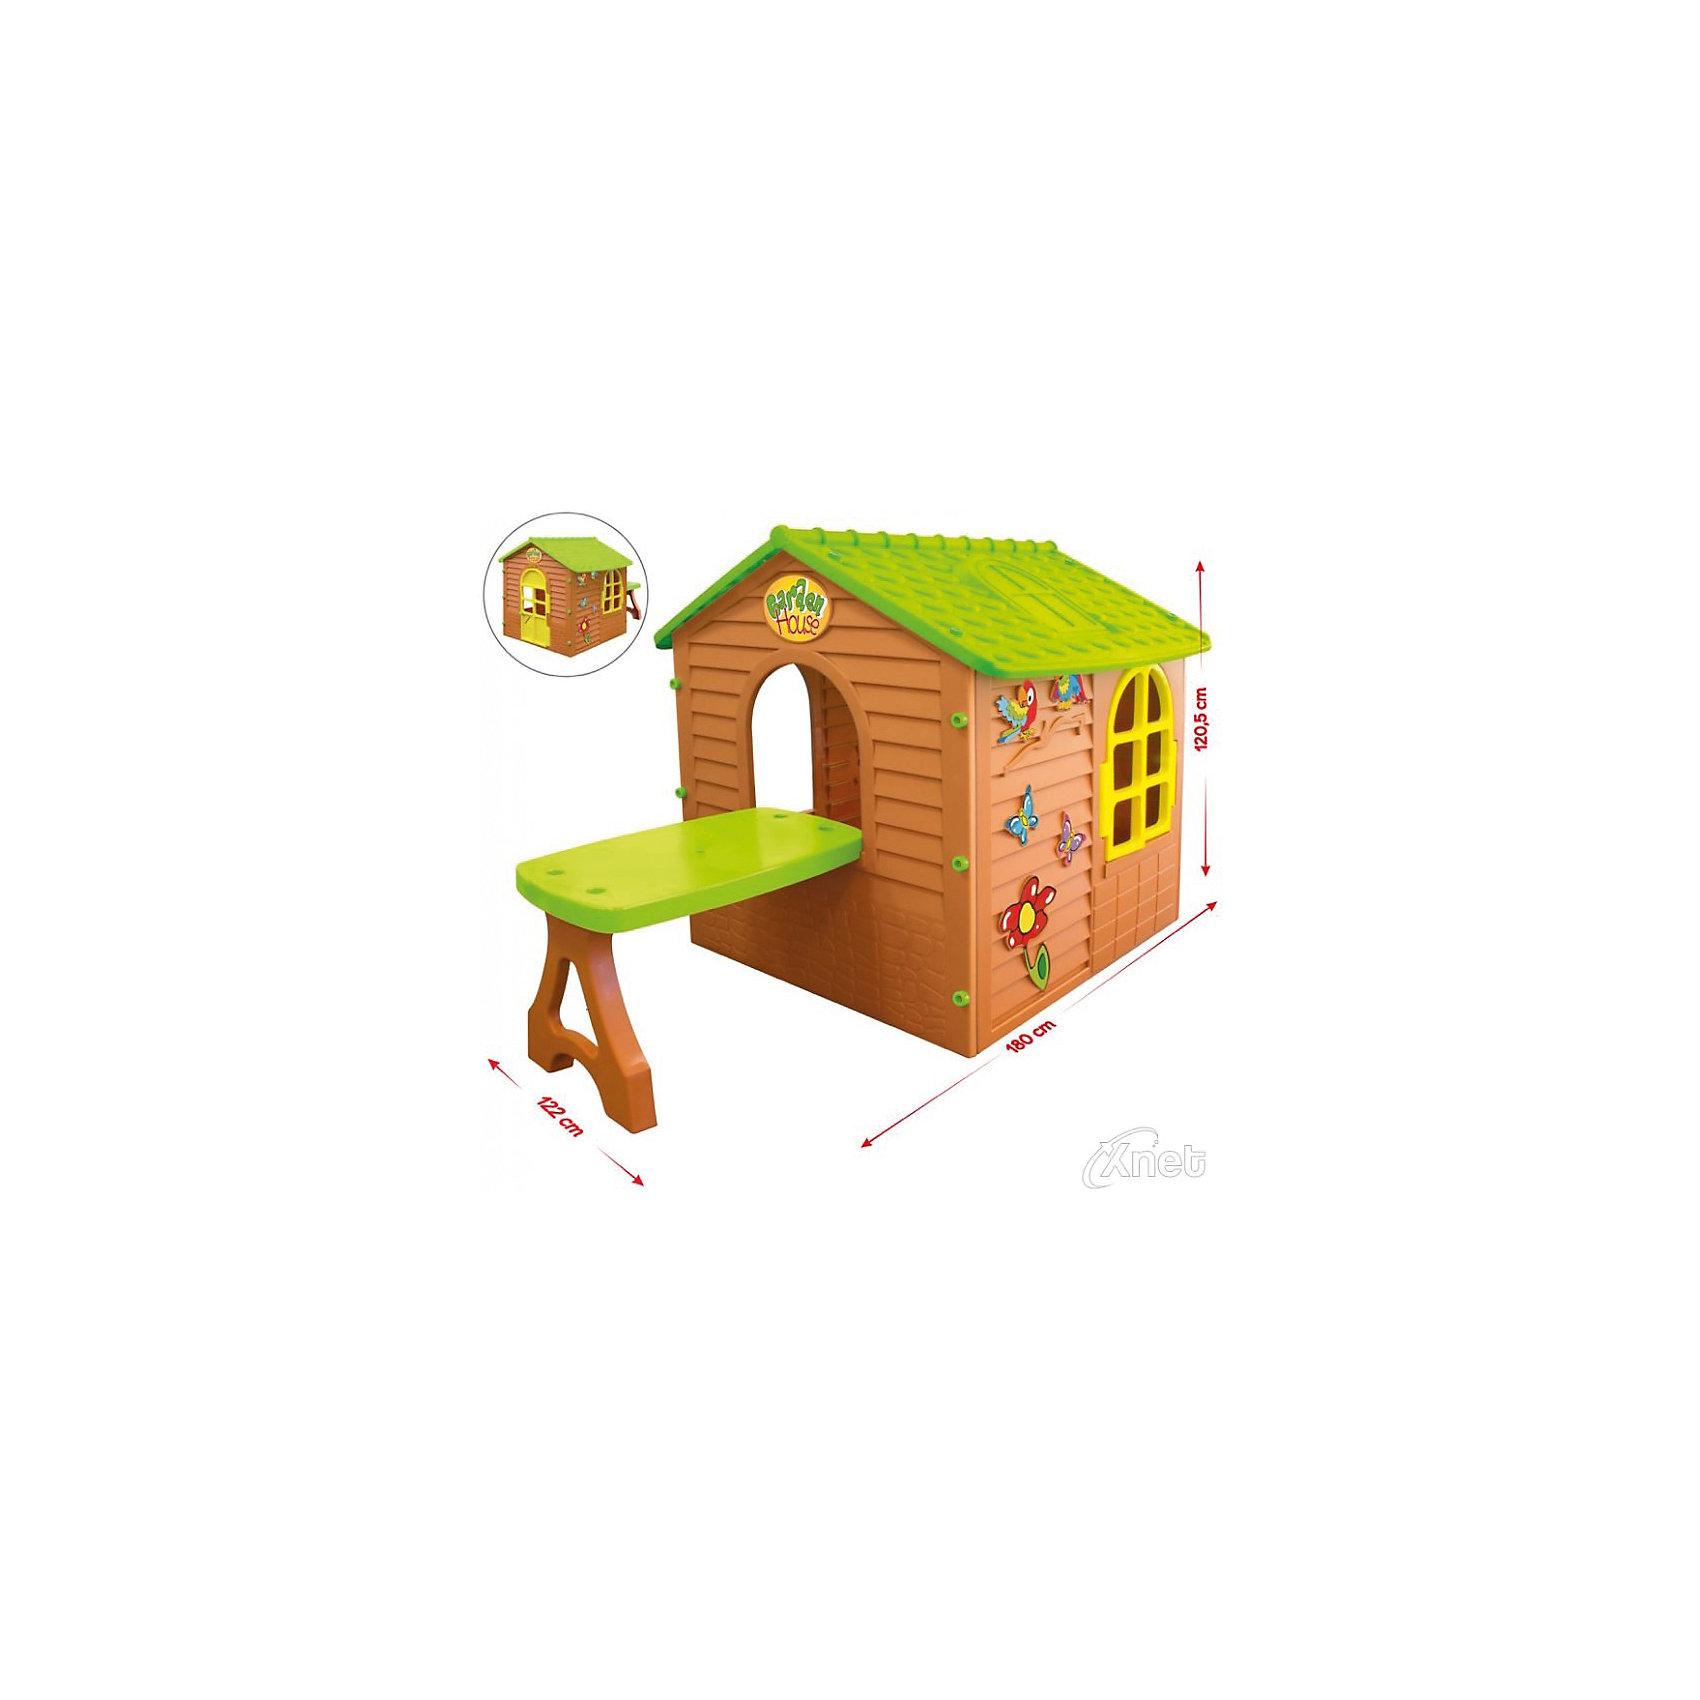 Домик со столом, MochtoysДомики и мебель<br>Домик со столом, Mochtoys.<br><br>Характеристики:<br><br>• Для детей в возрасте: от 1 года<br>• Размер домика со столом: 180х122х120,5 см.<br>• Конструкция сборная (собирается с помощью пластиковых болтов и гаек)<br>• Материал: пластик<br>• Цвета: зеленый, желтый, коричневый<br>• Размер упаковки: 19х104х124 см.<br>• Вес: 18,55 кг.<br><br>Домик со столом, Mochtoys идеально подойдет для игр вашего ребенка на открытом воздухе и в помещении! Размеры домика достаточны, чтобы вместить несколько детей одновременно, что обеспечивает невероятные возможности для совместных игр малышей. В домике есть окна и дверь арочной формы. Одно из окон оборудовано открывающейся рамой. Дверь домика открывается. Кроме того, к тыльной стороне фасада к домику прикрепляется достаточно длинный и вместительный столик, который ребенок сможет использовать для настольных игр или угощений. Одна из стен домика украшена бабочками, попугайчиками и цветком. На крыше имитация черепицы и мансардного окна. Дизайн домика продуман таким образом, что у ребенка создается полное впечатление того, что он находится в настоящем доме. Все детали дома надежно фиксируются между собой и не разбалтываются при активной эксплуатации. Конструкция домика устойчивая и надежная, острые края отсутствуют, поэтому он абсолютно безопасен для детей. Изделие выполнено в соответствии с европейскими стандартами качества из высококачественного, прочного пластика. Материал не выгорает на солнце и морозоустойчив (не боится морозов до -15 градусов). Домик прост в уходе, его можно мыть на даче из шланга проточной водой.<br><br>Домик со столом, Mochtoys можно купить в нашем интернет-магазине.<br><br>Ширина мм: 1220<br>Глубина мм: 1800<br>Высота мм: 1205<br>Вес г: 18550<br>Возраст от месяцев: 12<br>Возраст до месяцев: 120<br>Пол: Унисекс<br>Возраст: Детский<br>SKU: 5510710